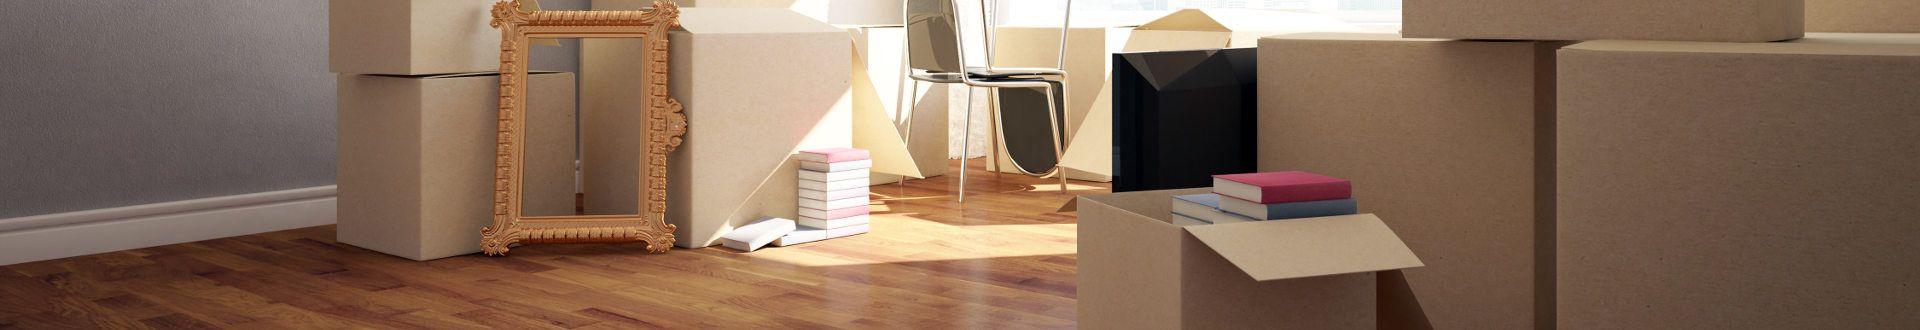 Miete Wohnung hartz 4 compressor - Hartz-IV-Familie kann vorübergehend in 1300 Euro Wohnung umziehen